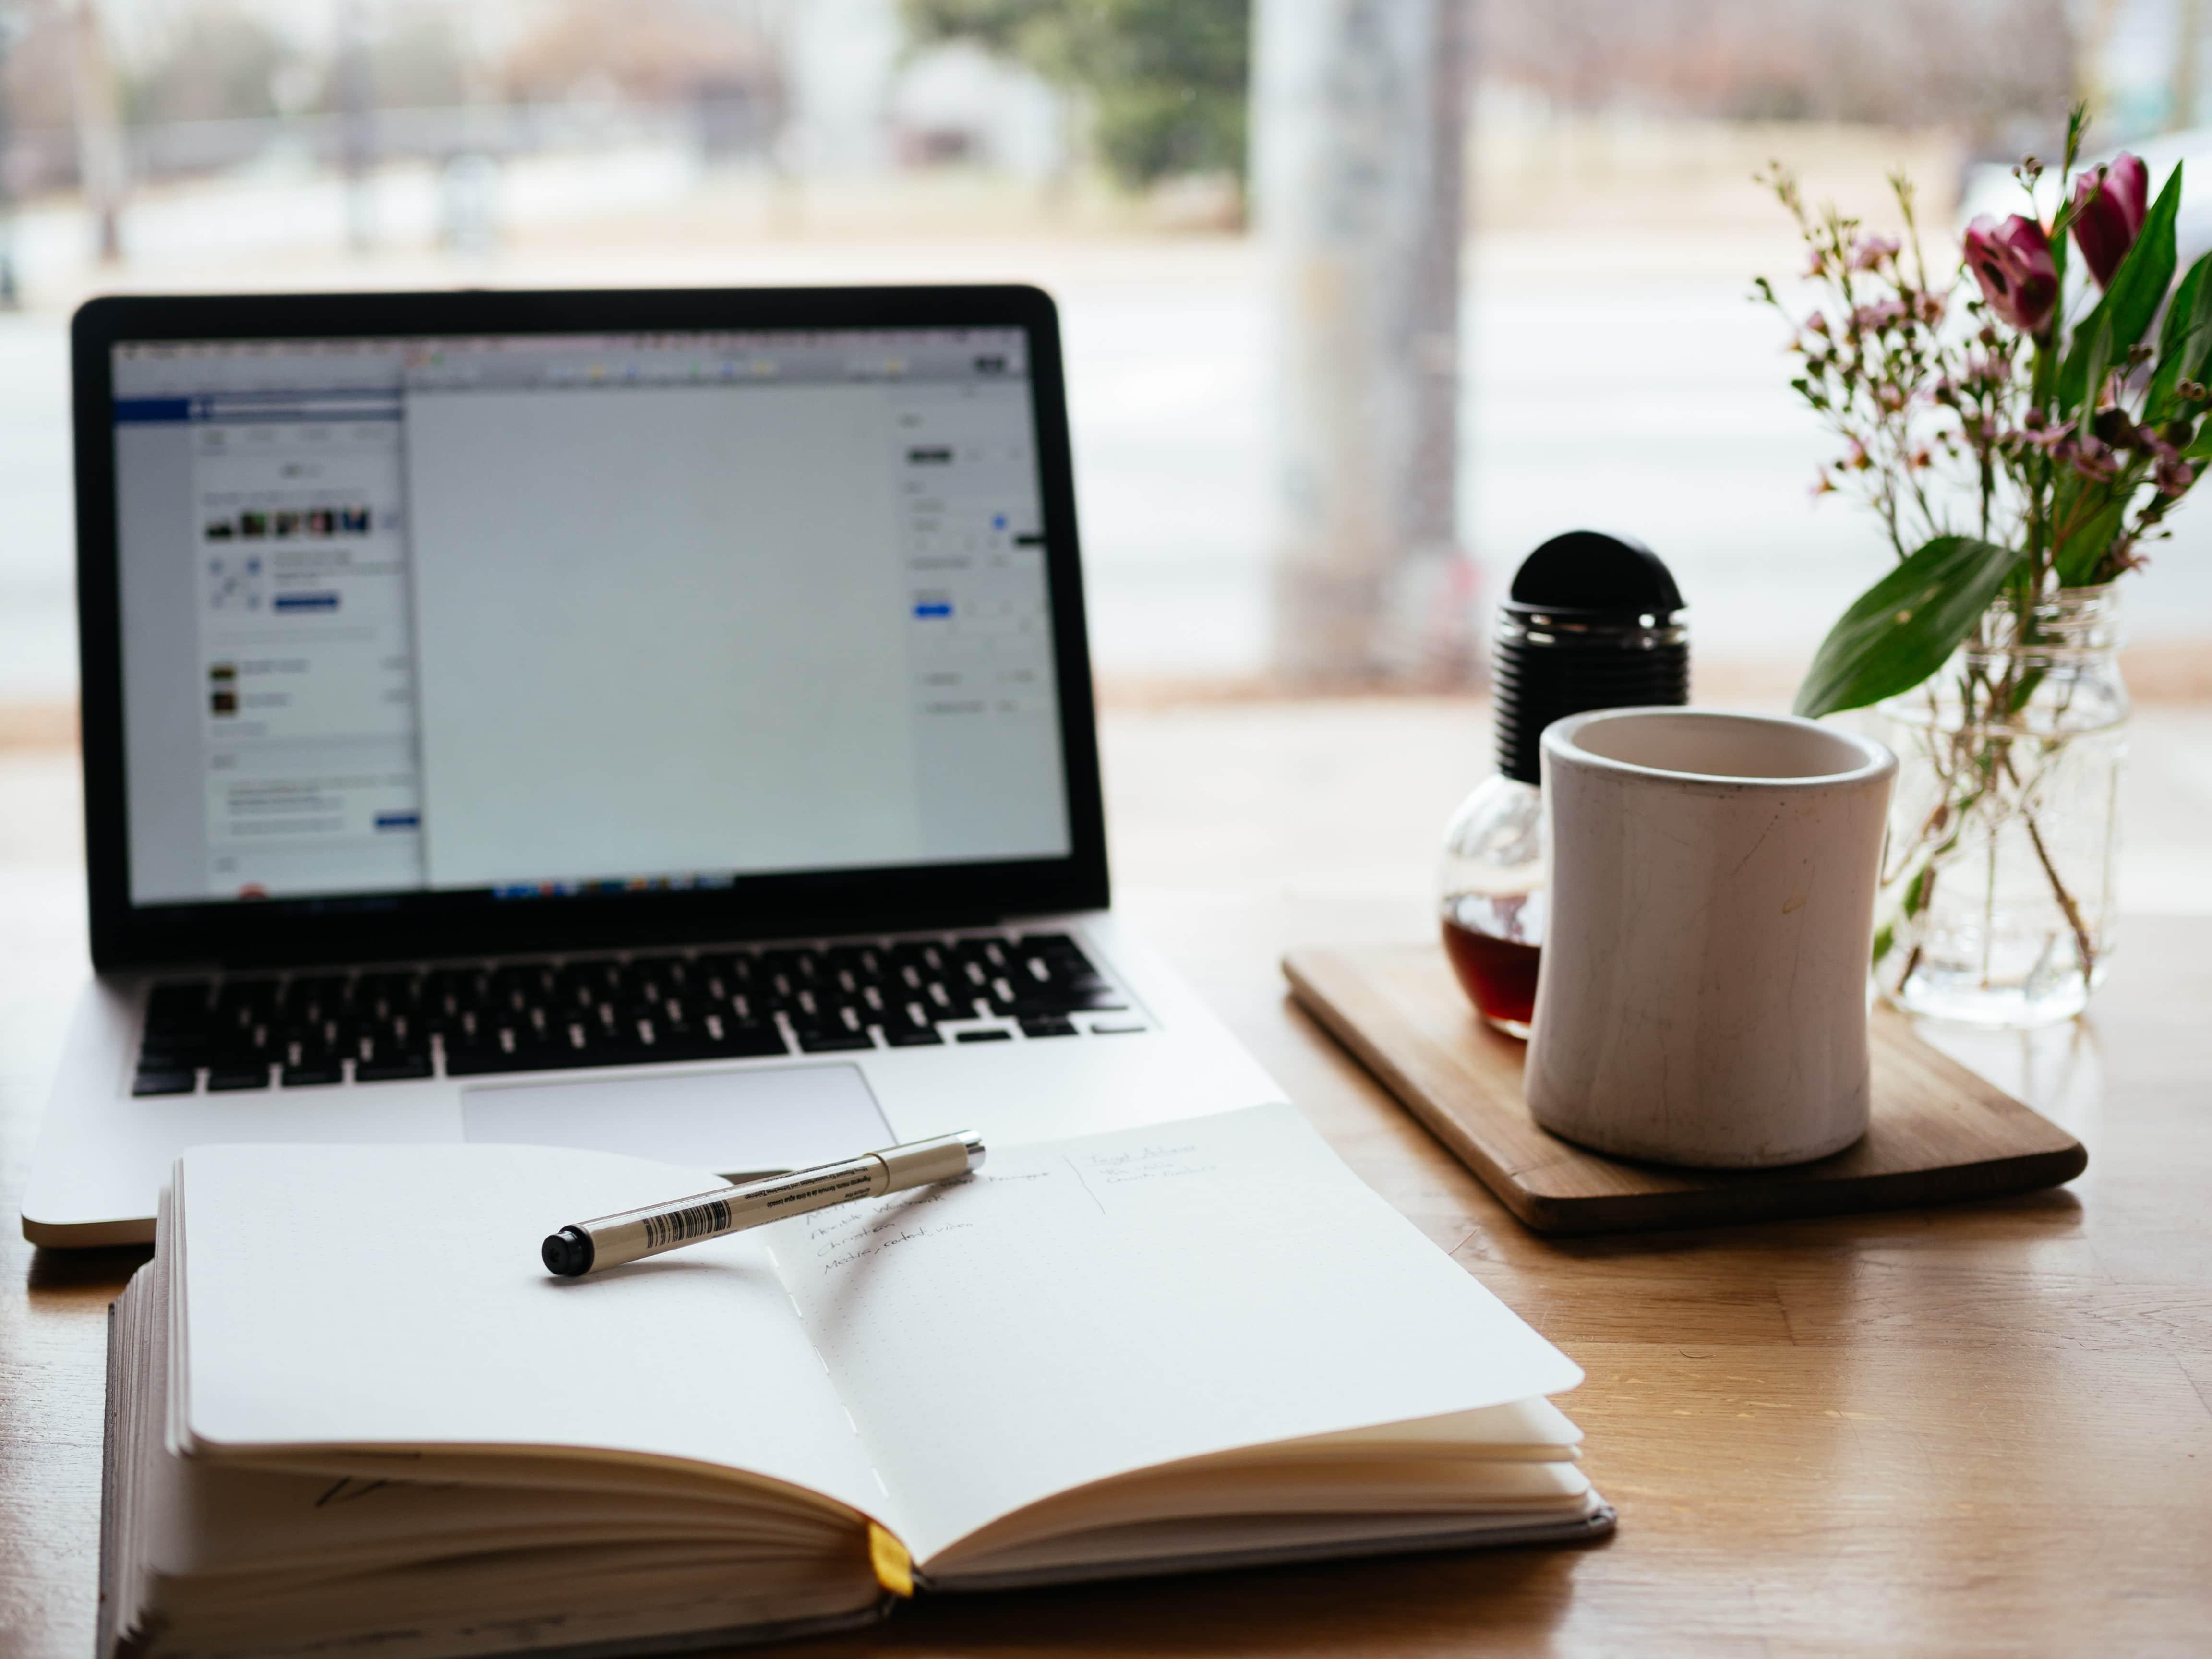 Oser créer son blog - Se lancer dans l'aventure du blogging